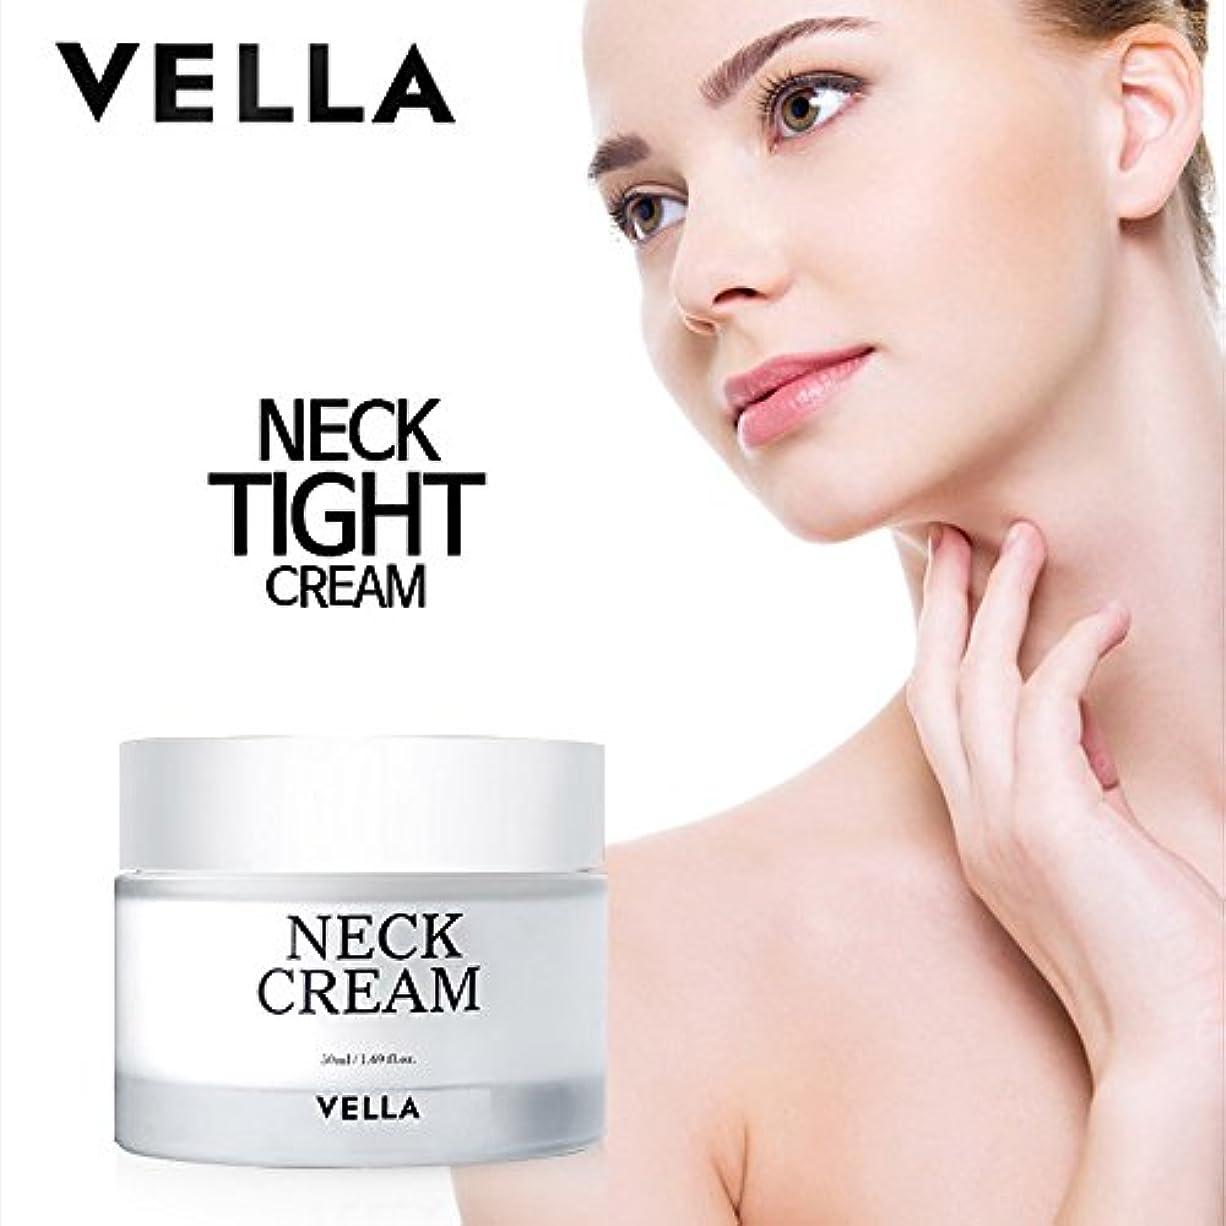 便利行進埋めるVELLA Anti Wrinkle & Whitening Strong Neck Cream(体がキレイvella首専用のクリーム) 50ml [並行輸入品]